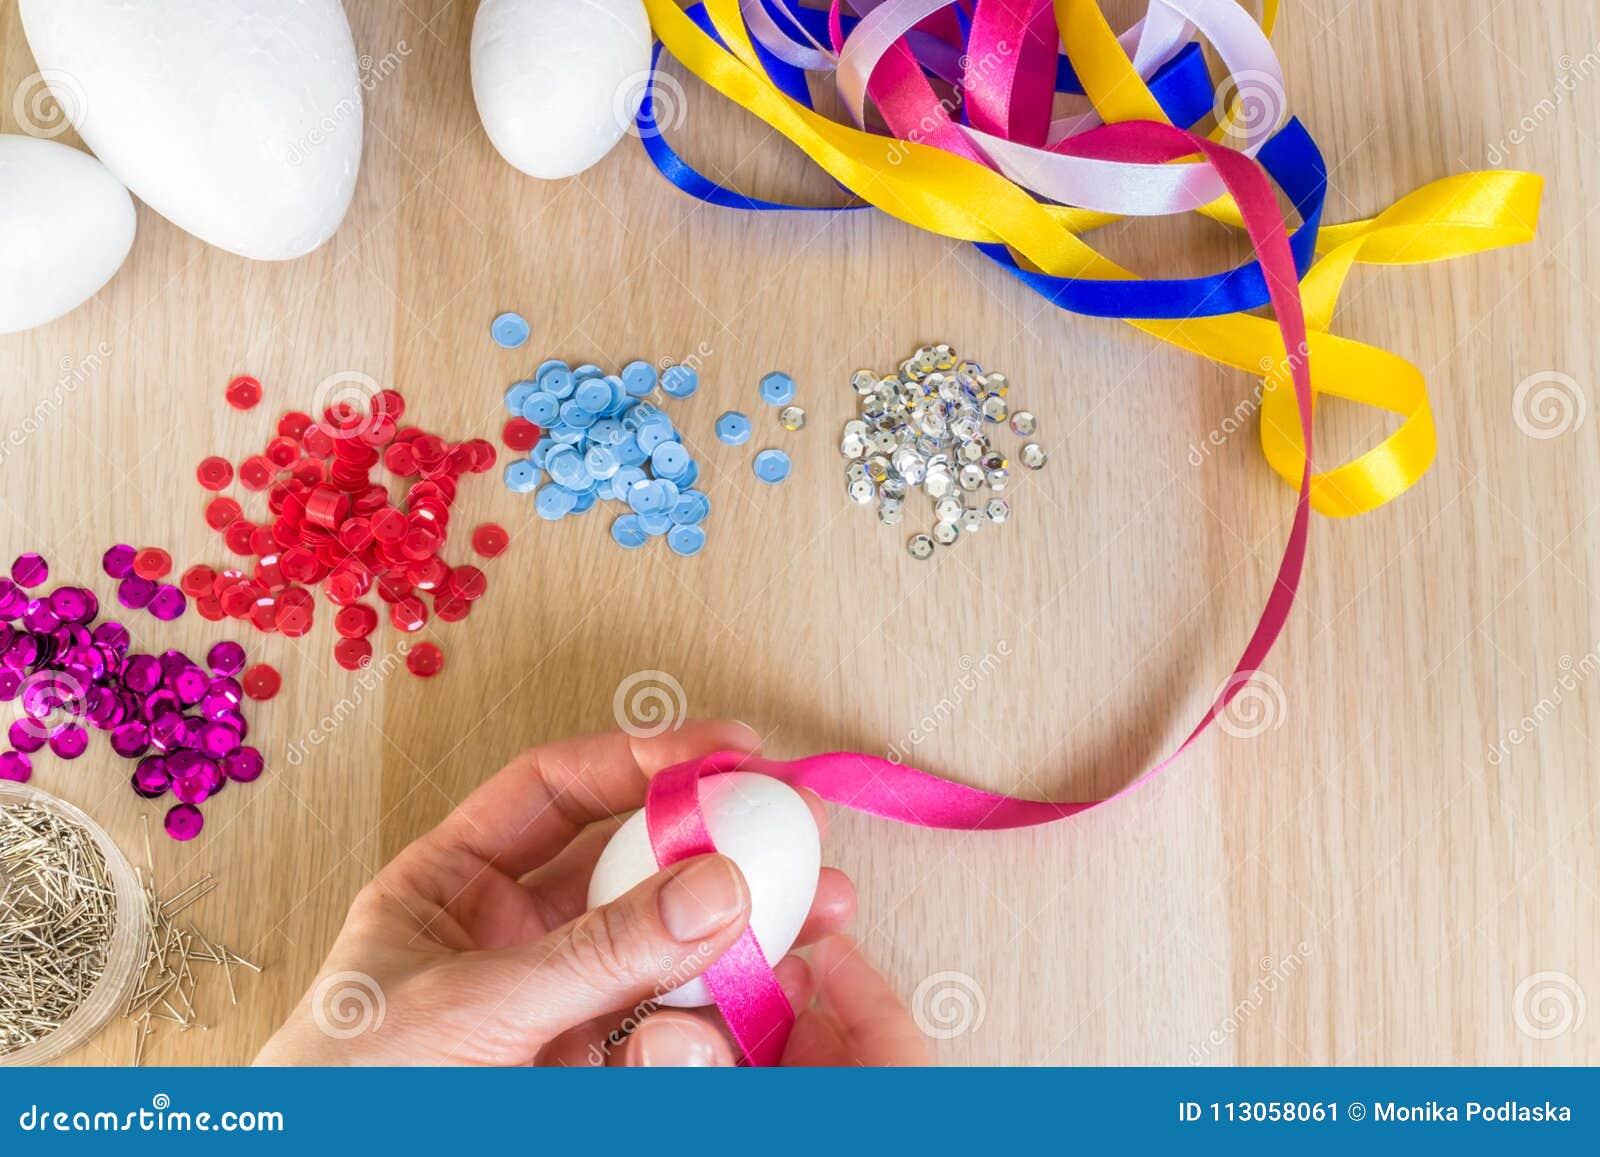 Übergeben Sie das Halten des Ostern-Polystyreneies, das rosa Band verziert